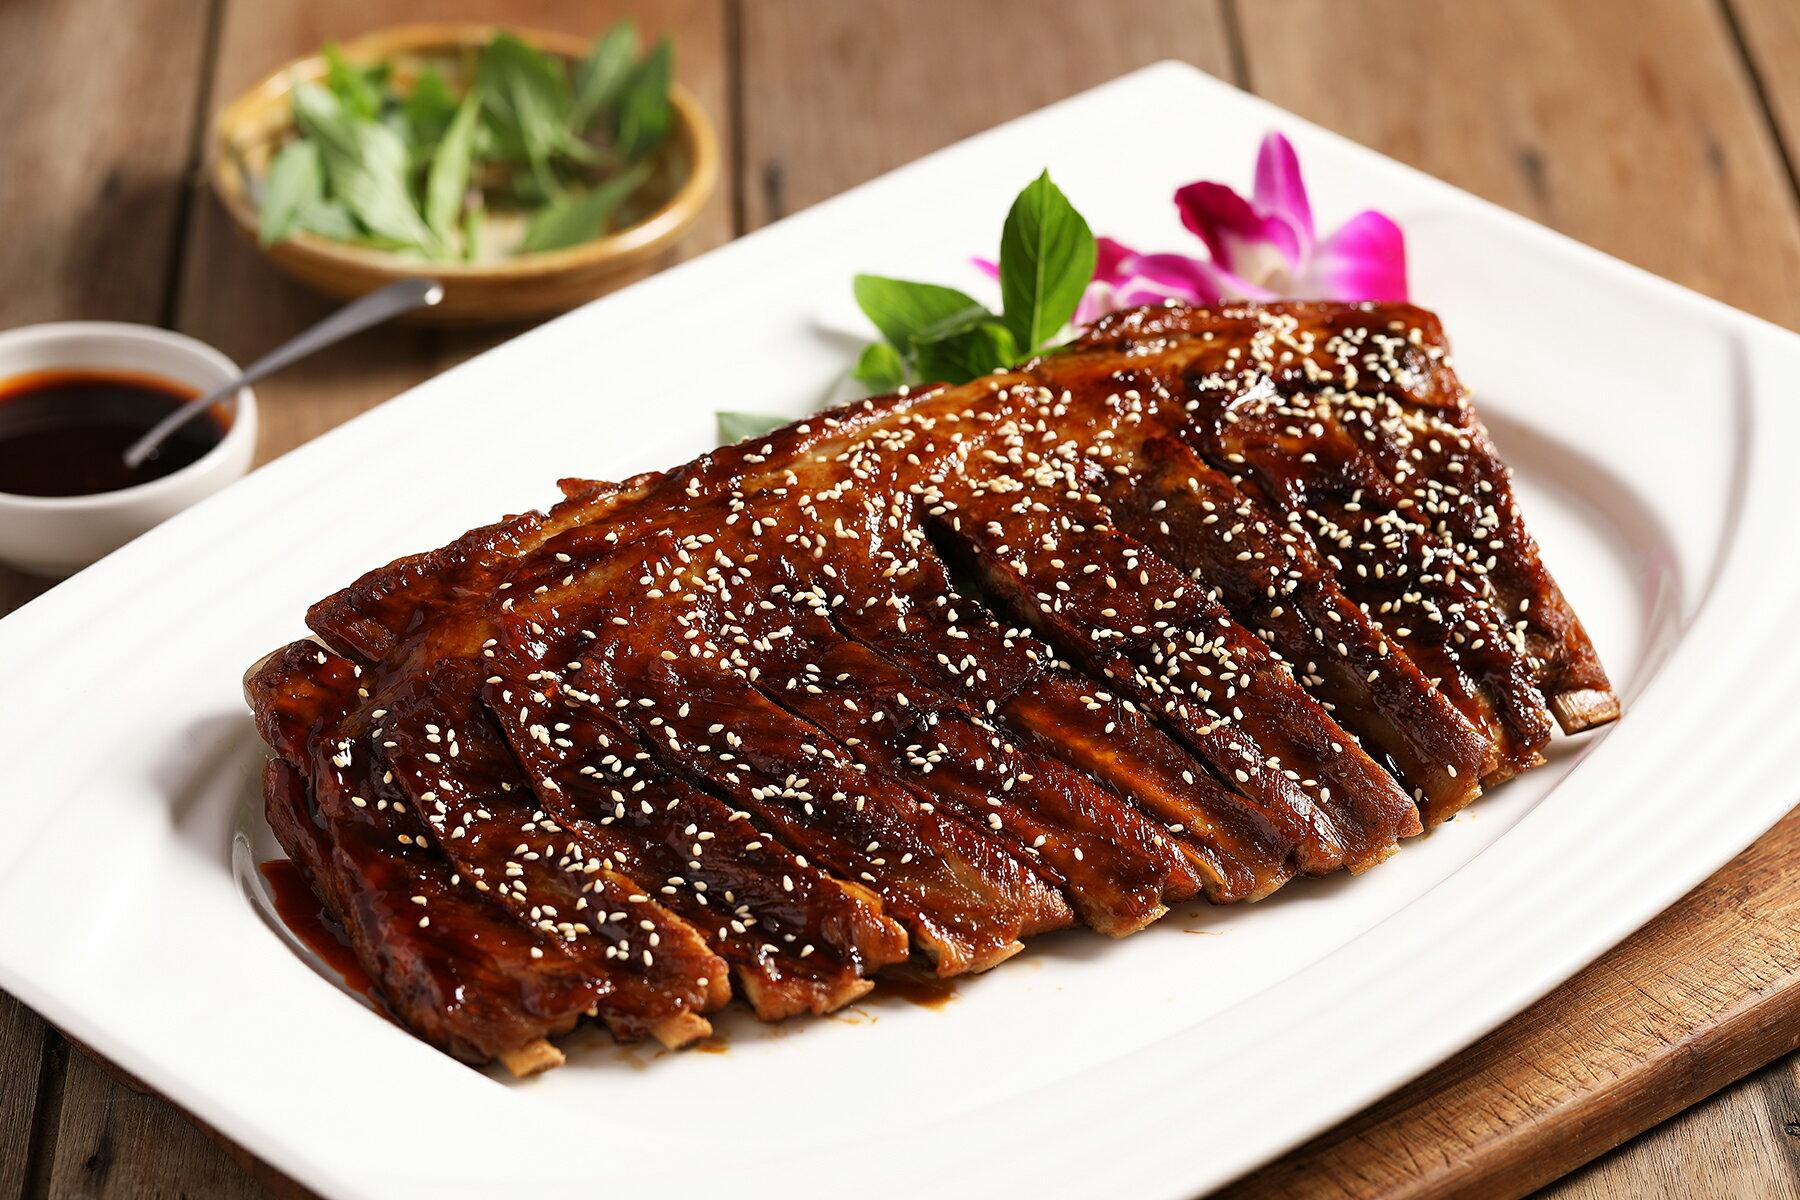 民雄海產餐廳 蜜汁嫩子排 800g 極品豬肋排料理 日式燒烤口味  年菜